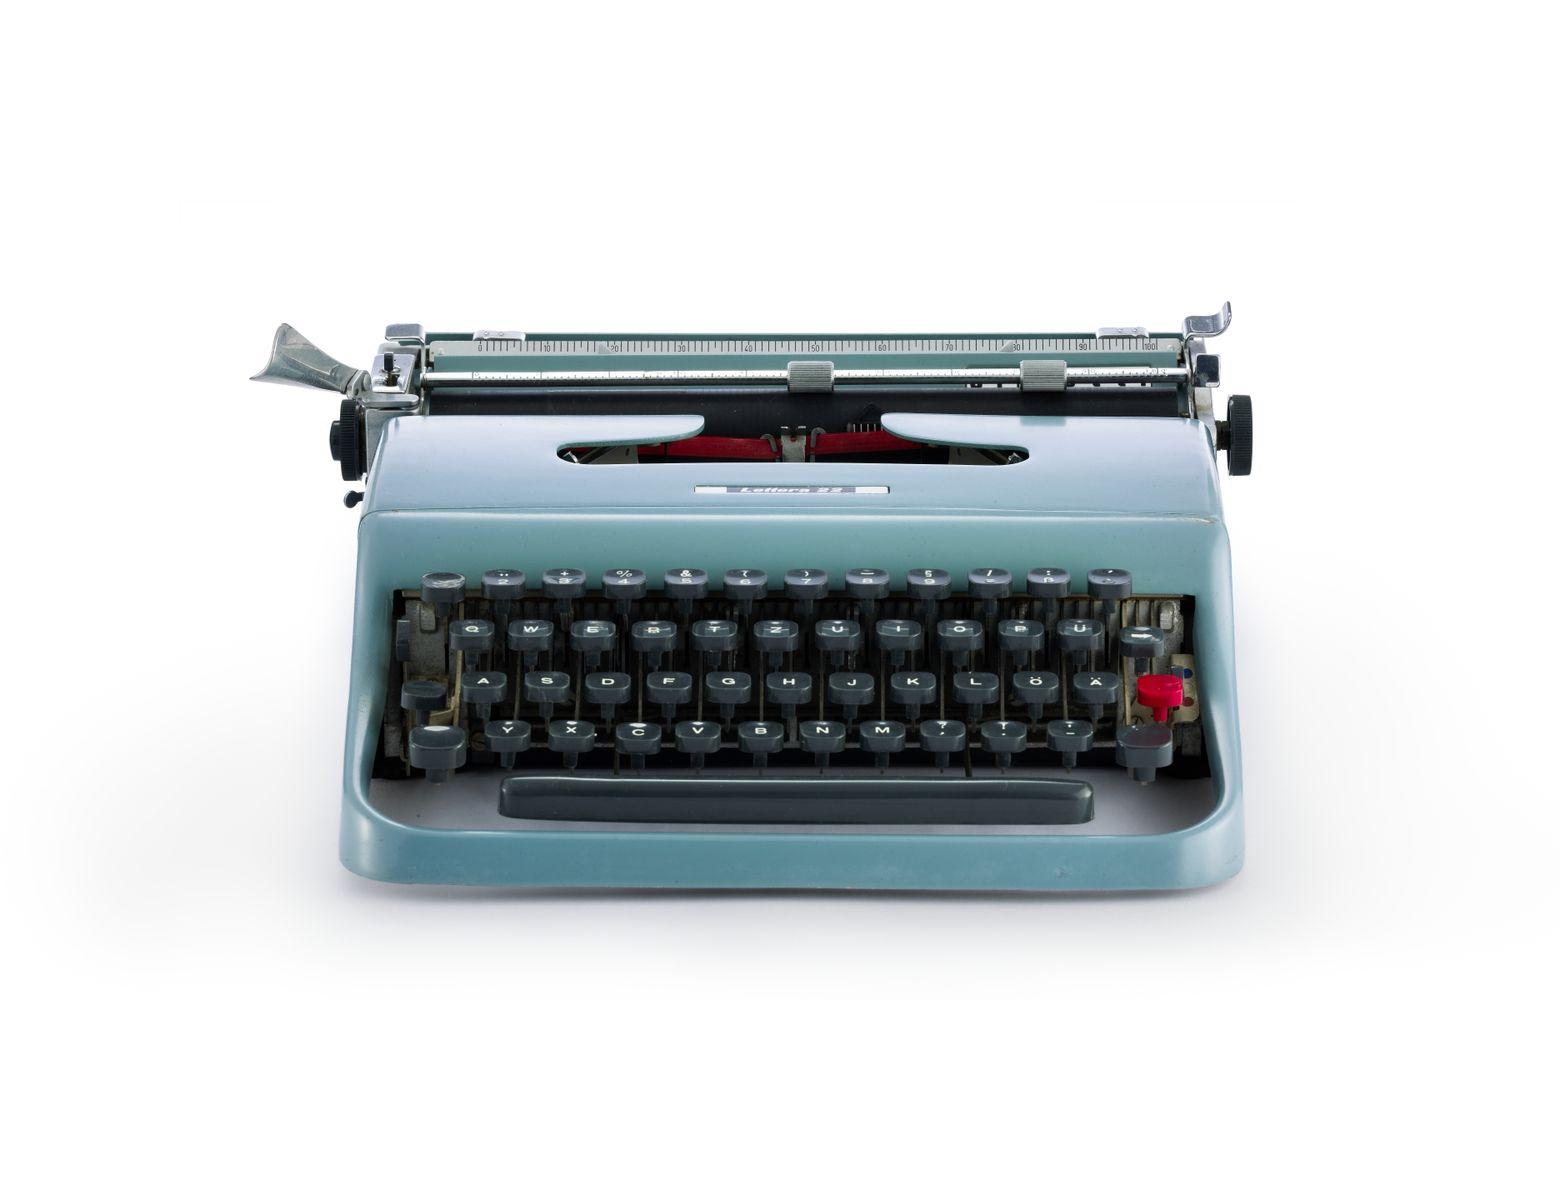 """Schreibmaschine """"Lettera 22"""" von Marcello Nizzoli,1950 ©Staatliche Museen zu Berlin, Kunstgewerbemuseum / Stephan Klonk"""